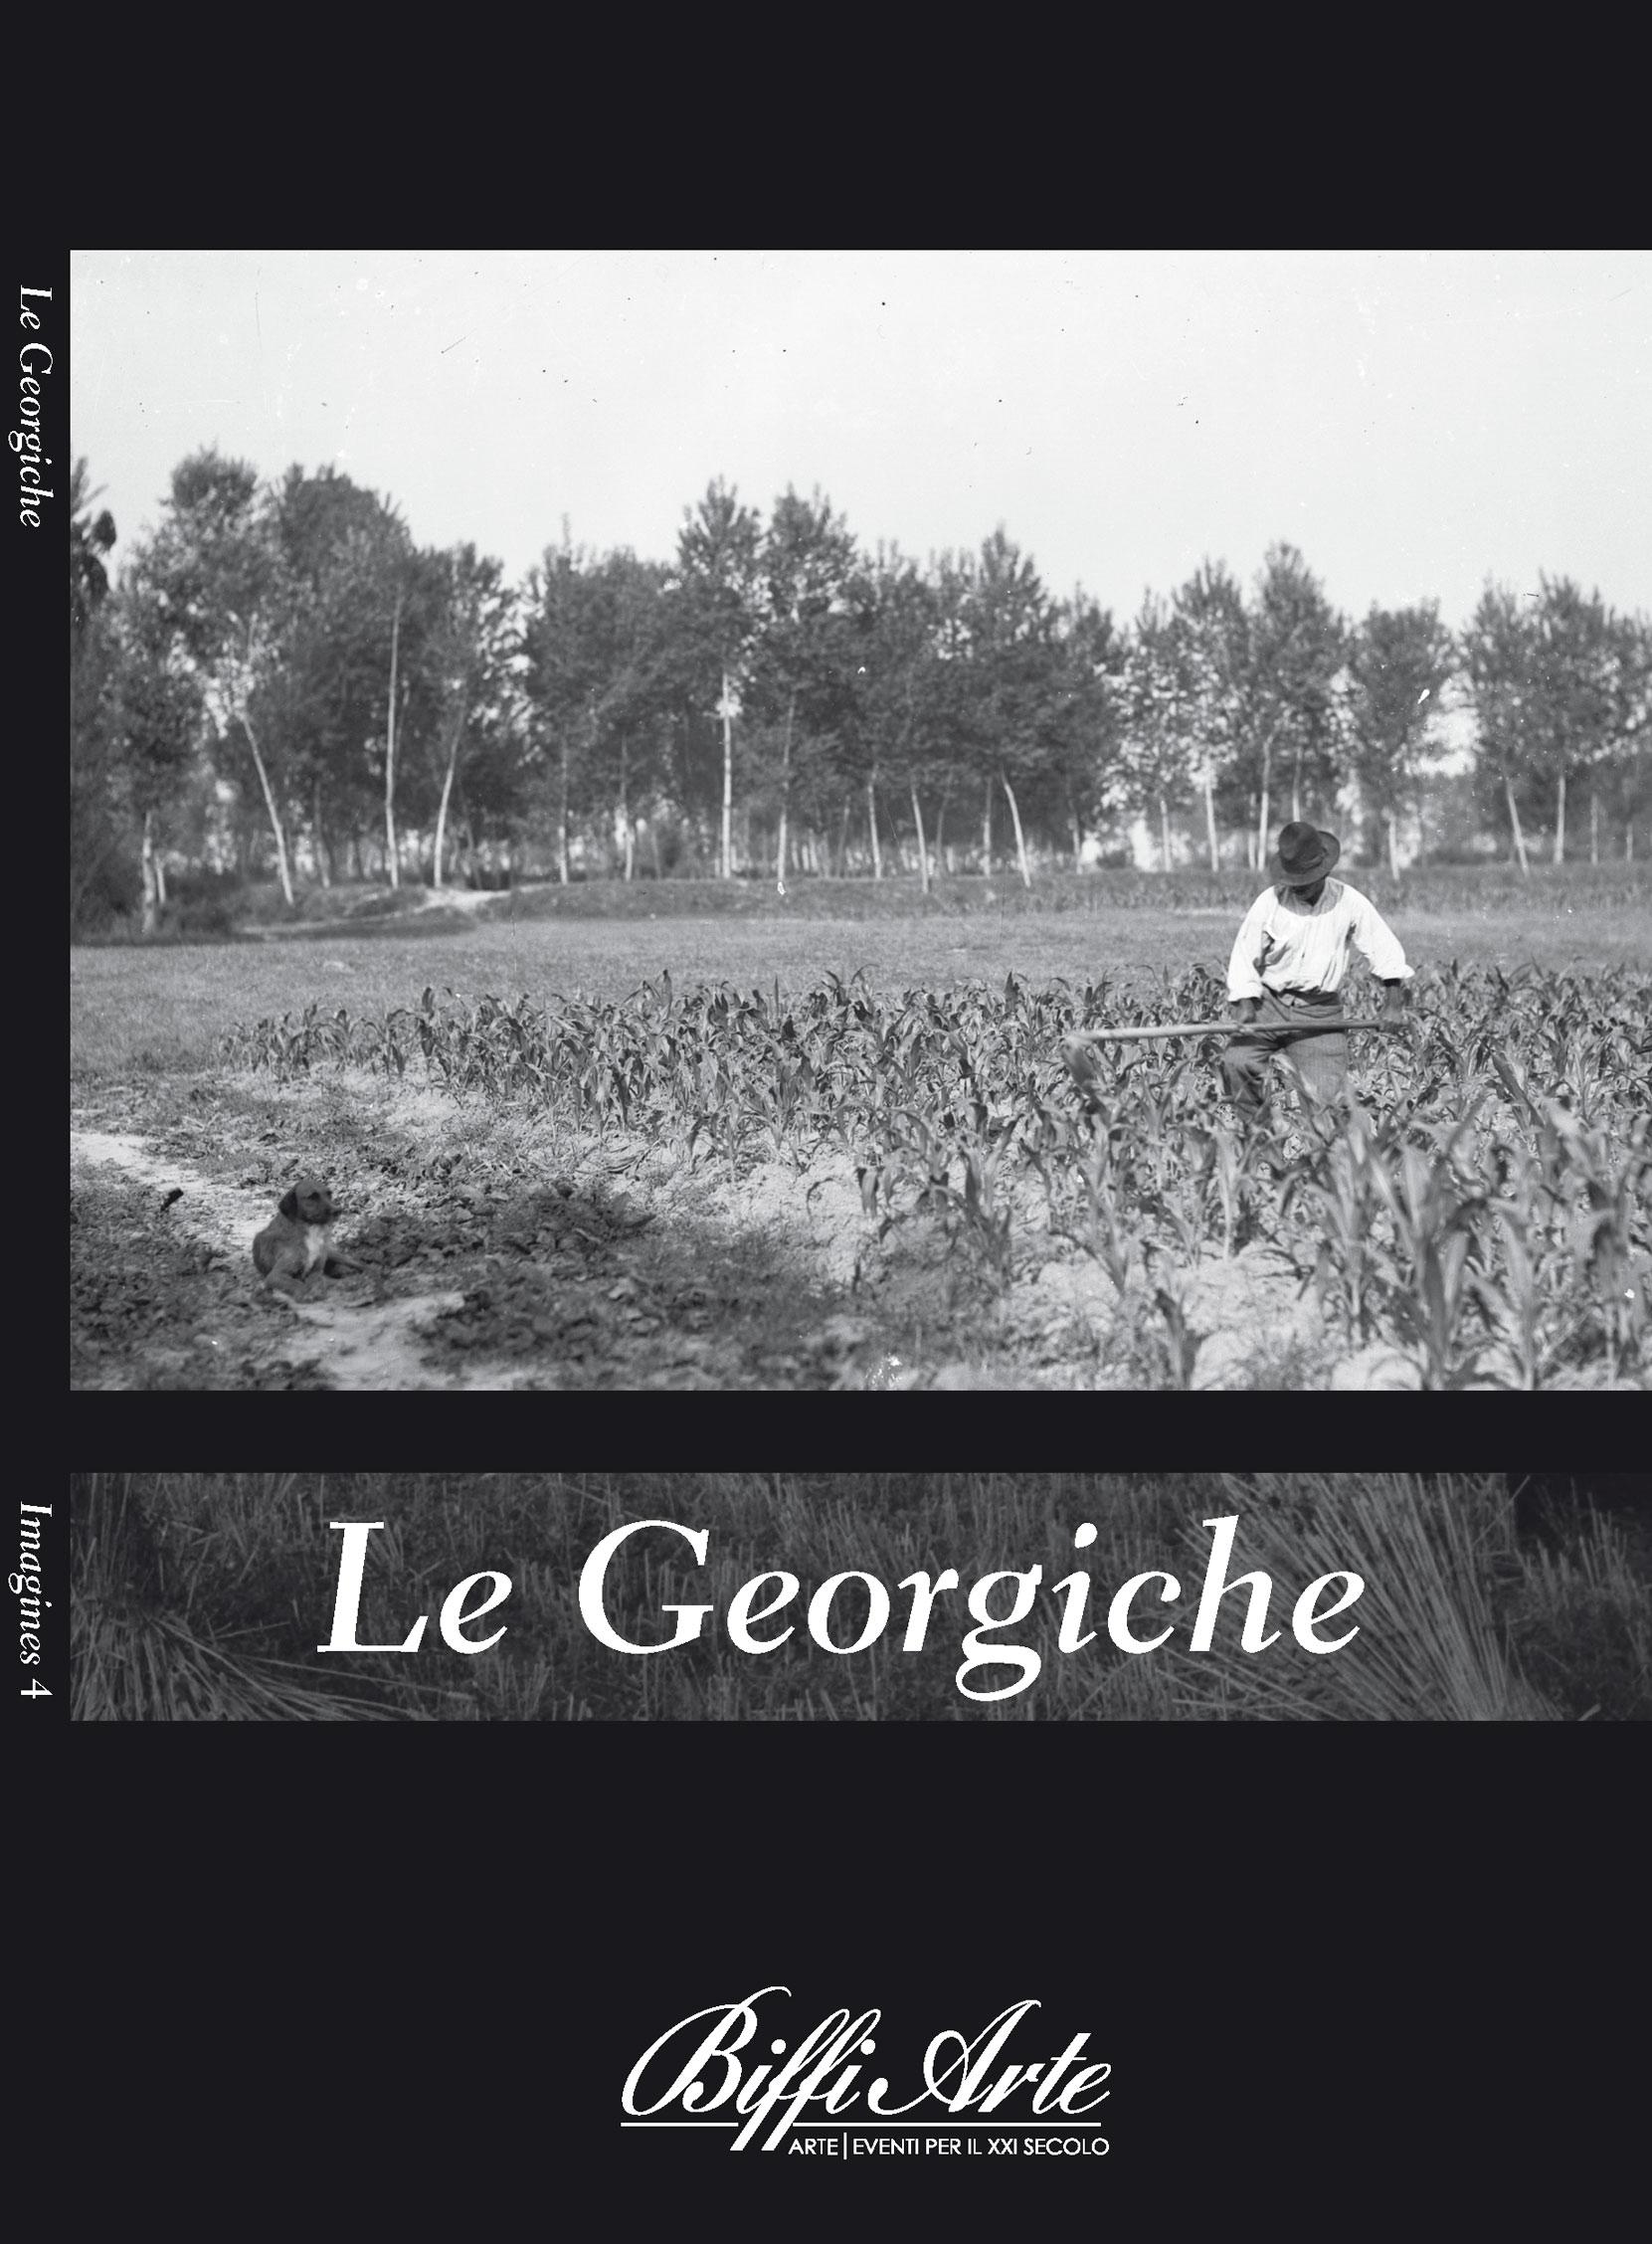 georgiche_cover